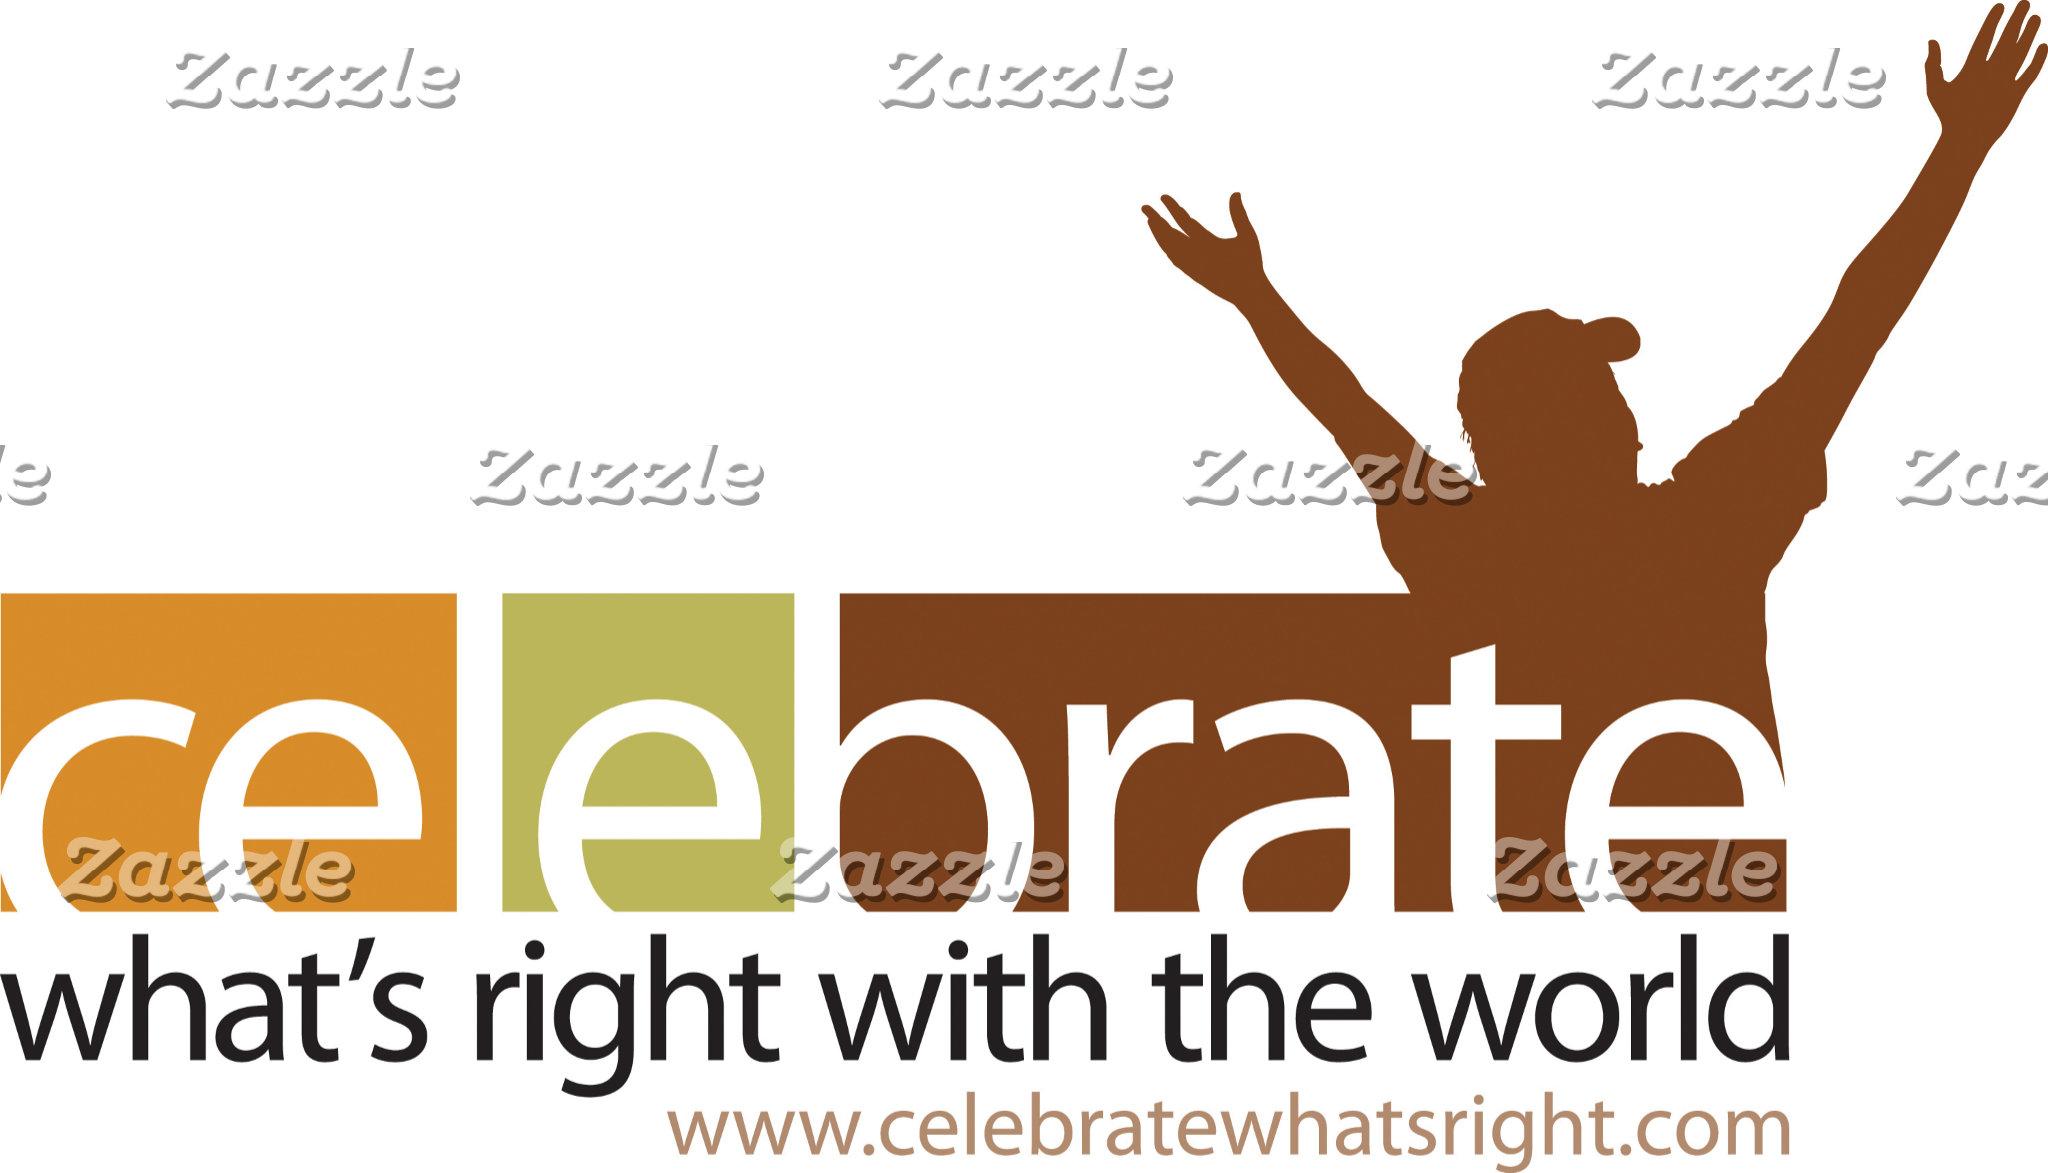 Celebration Logo Products